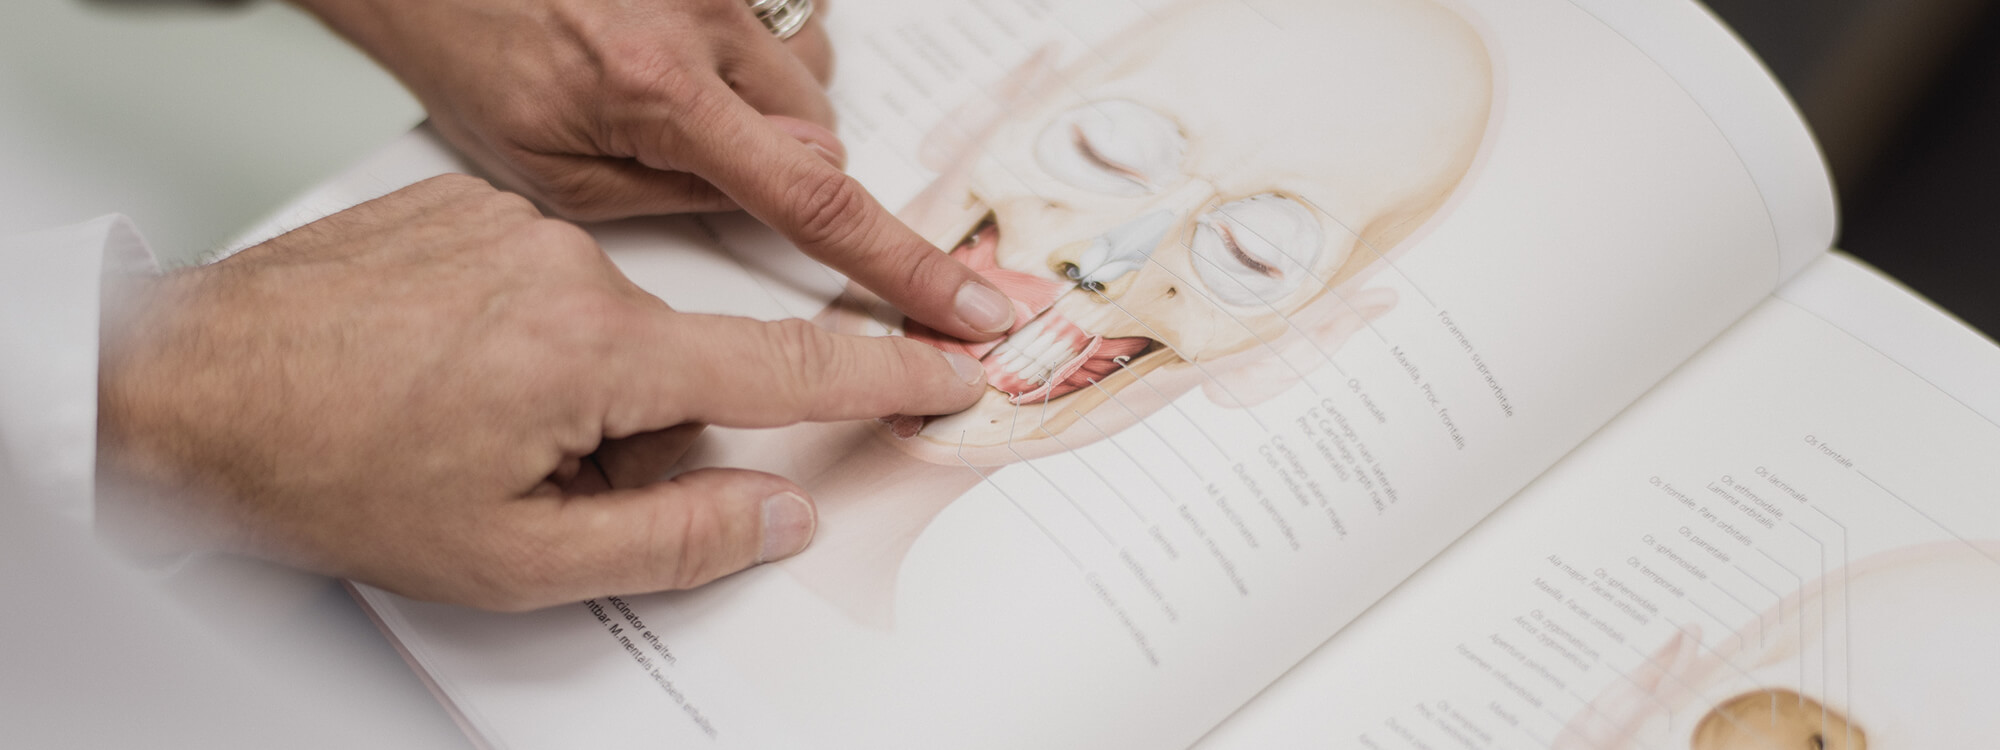 Mund-, Kiefer-, Gesichtschirurgie - Coburg - Feller / Otte - Leistungen Slider